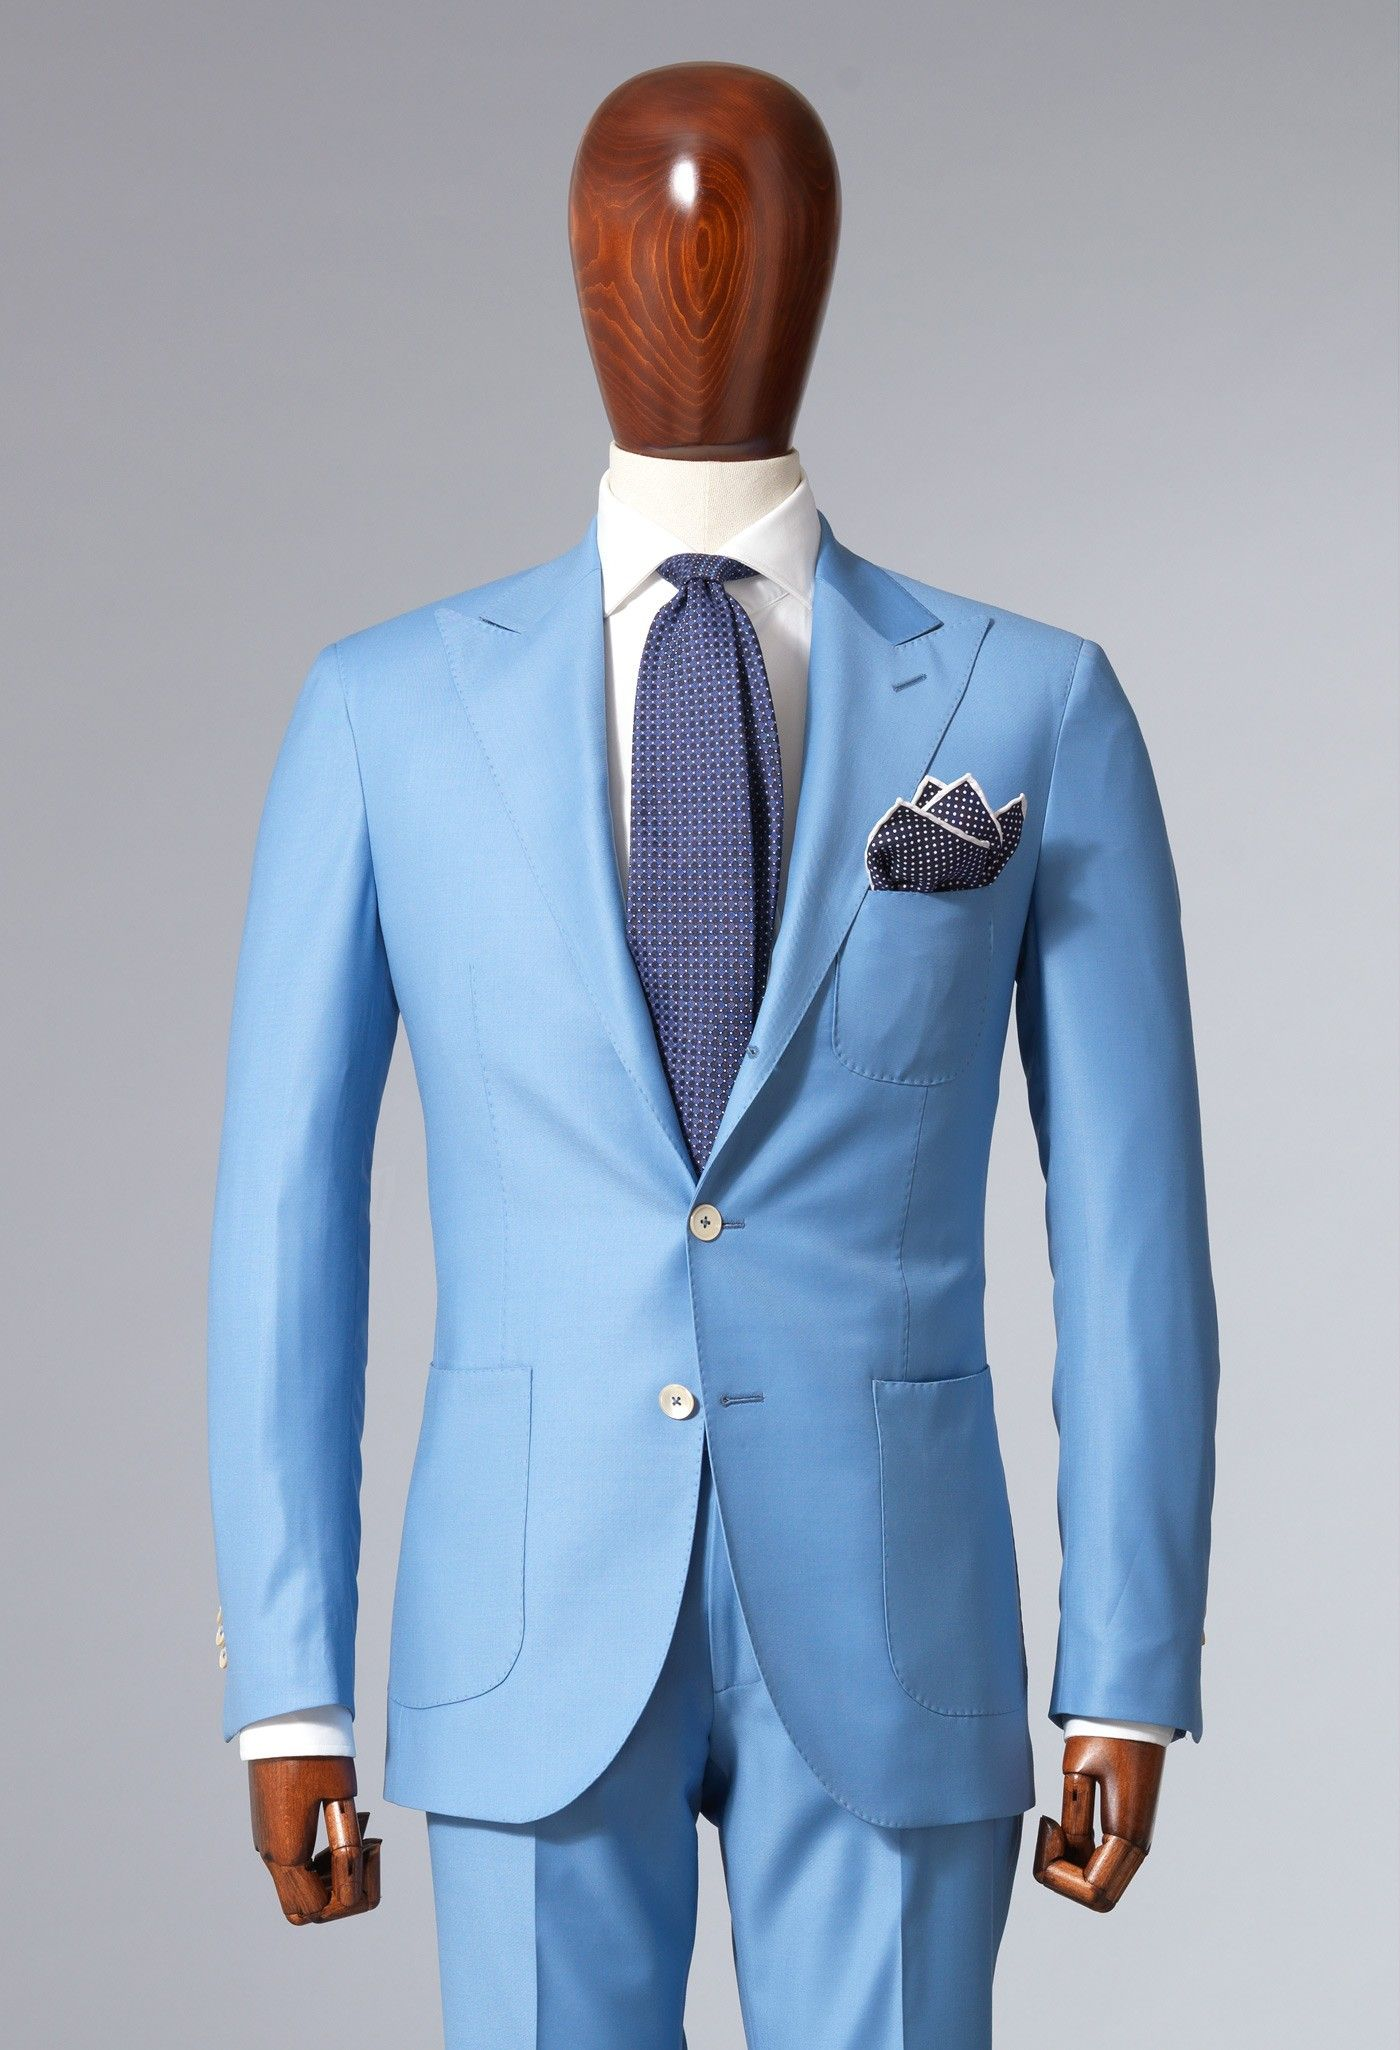 Light Blue Suit Men S Suit And Formal Dresses Men Wedding Suit